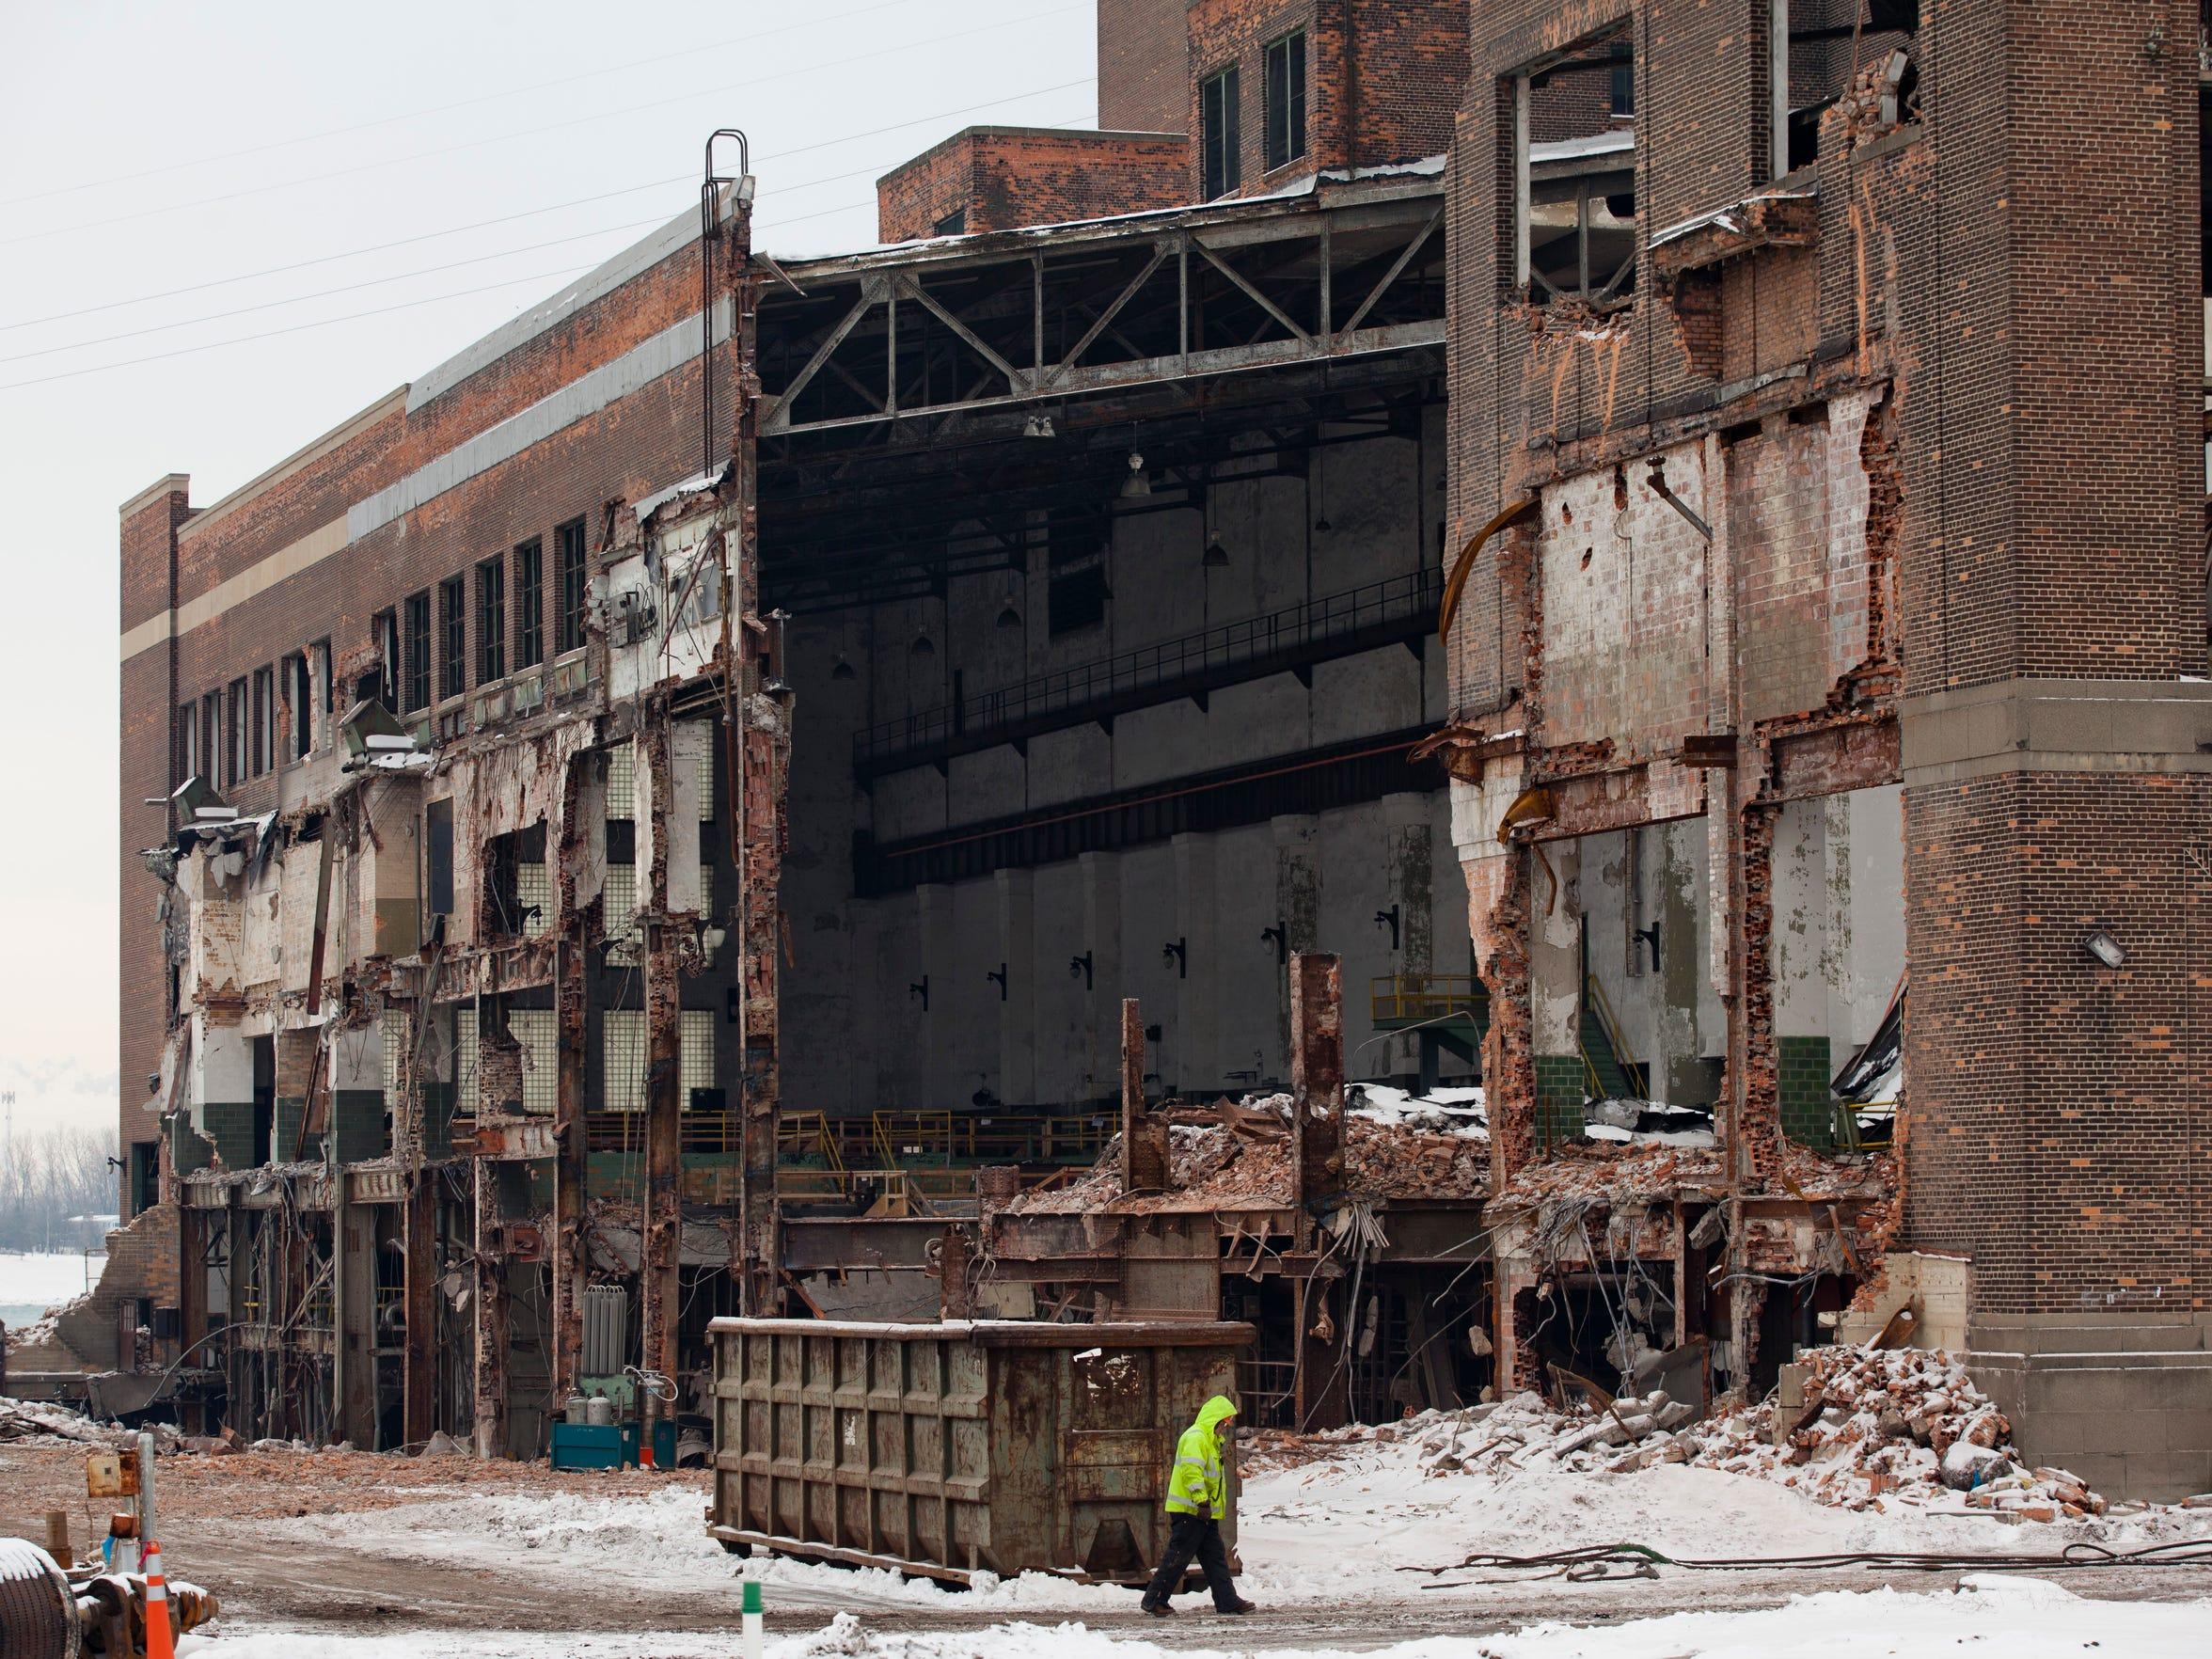 Demolition was underway in this Thursday, Jan. 15,